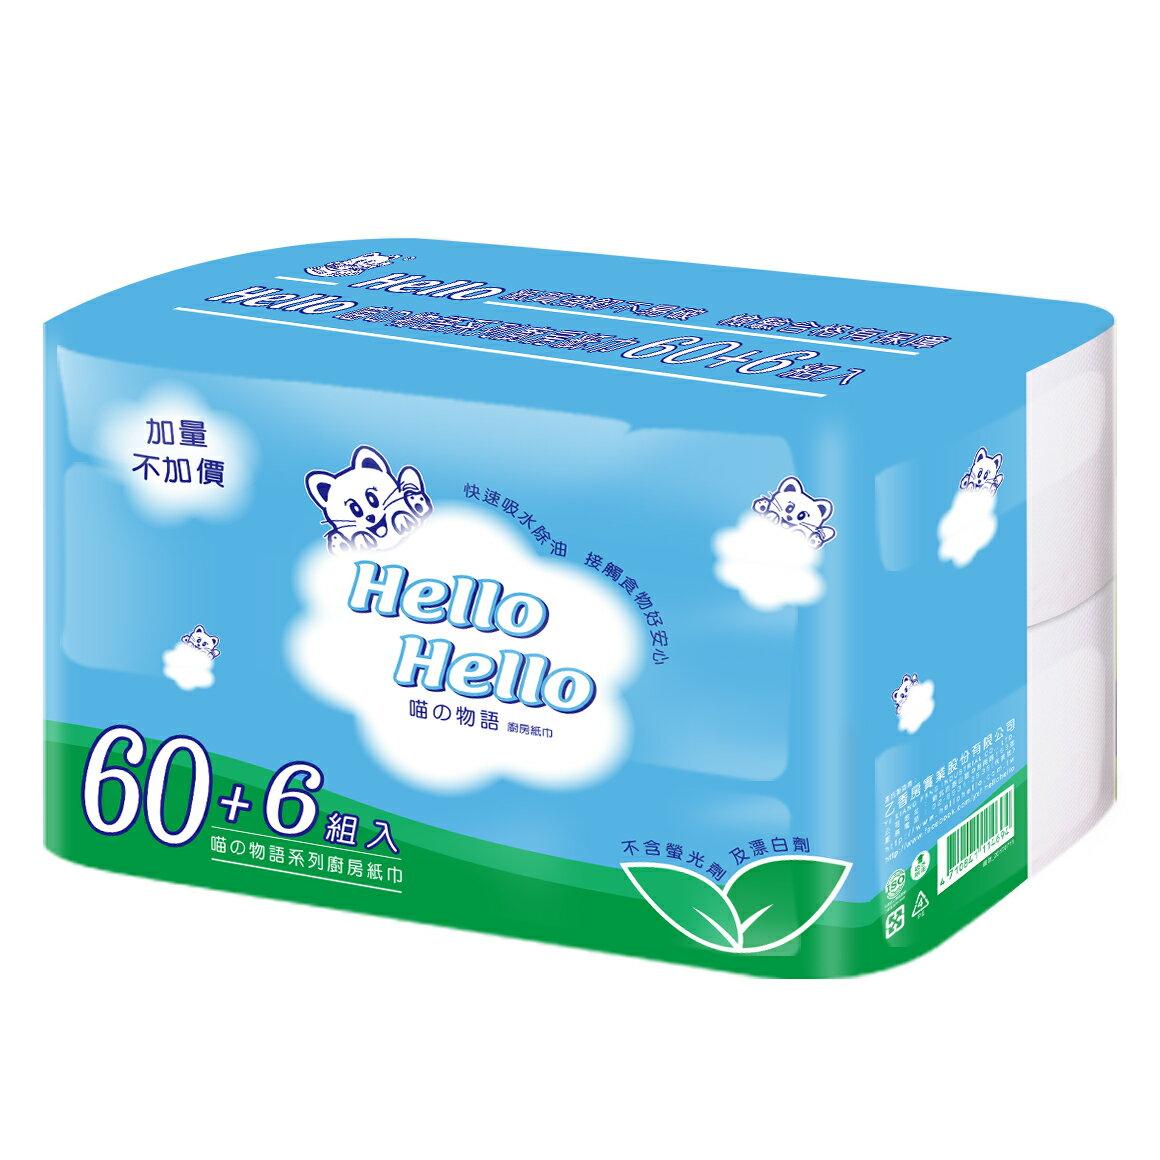 【HELLO】喵的物語廚房紙巾6捲/8袋/箱